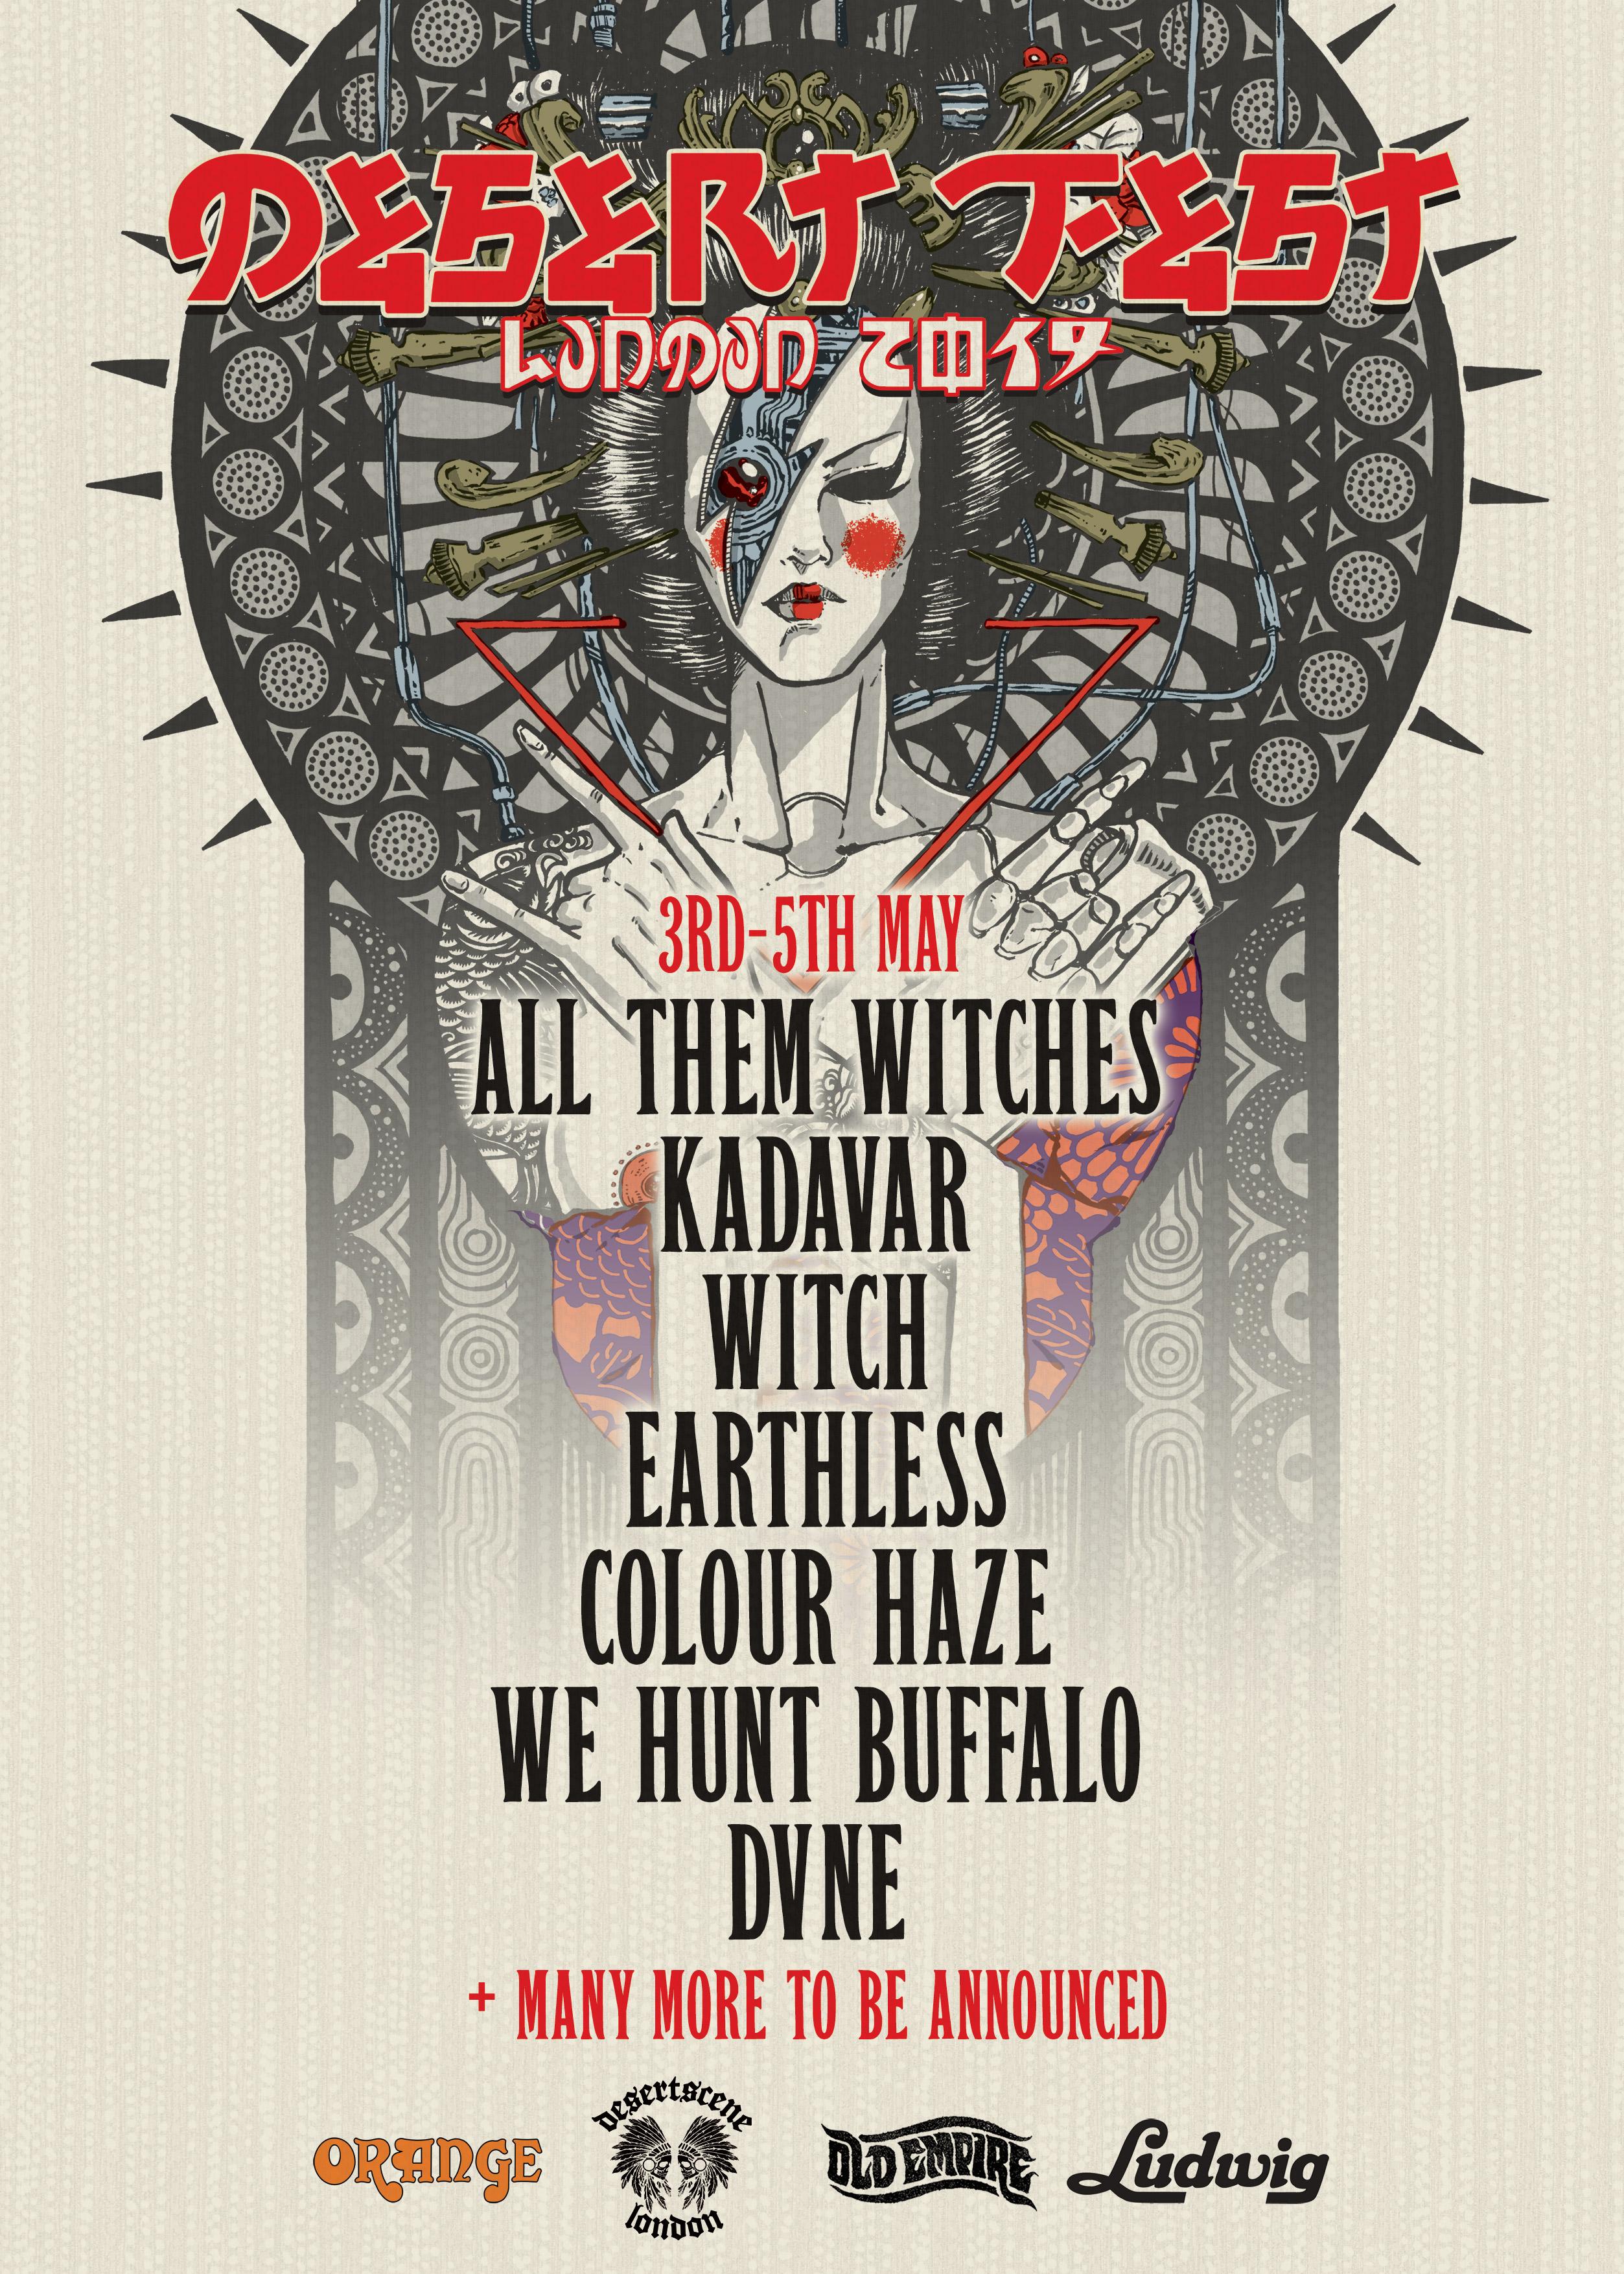 desertfest london 2019 poster